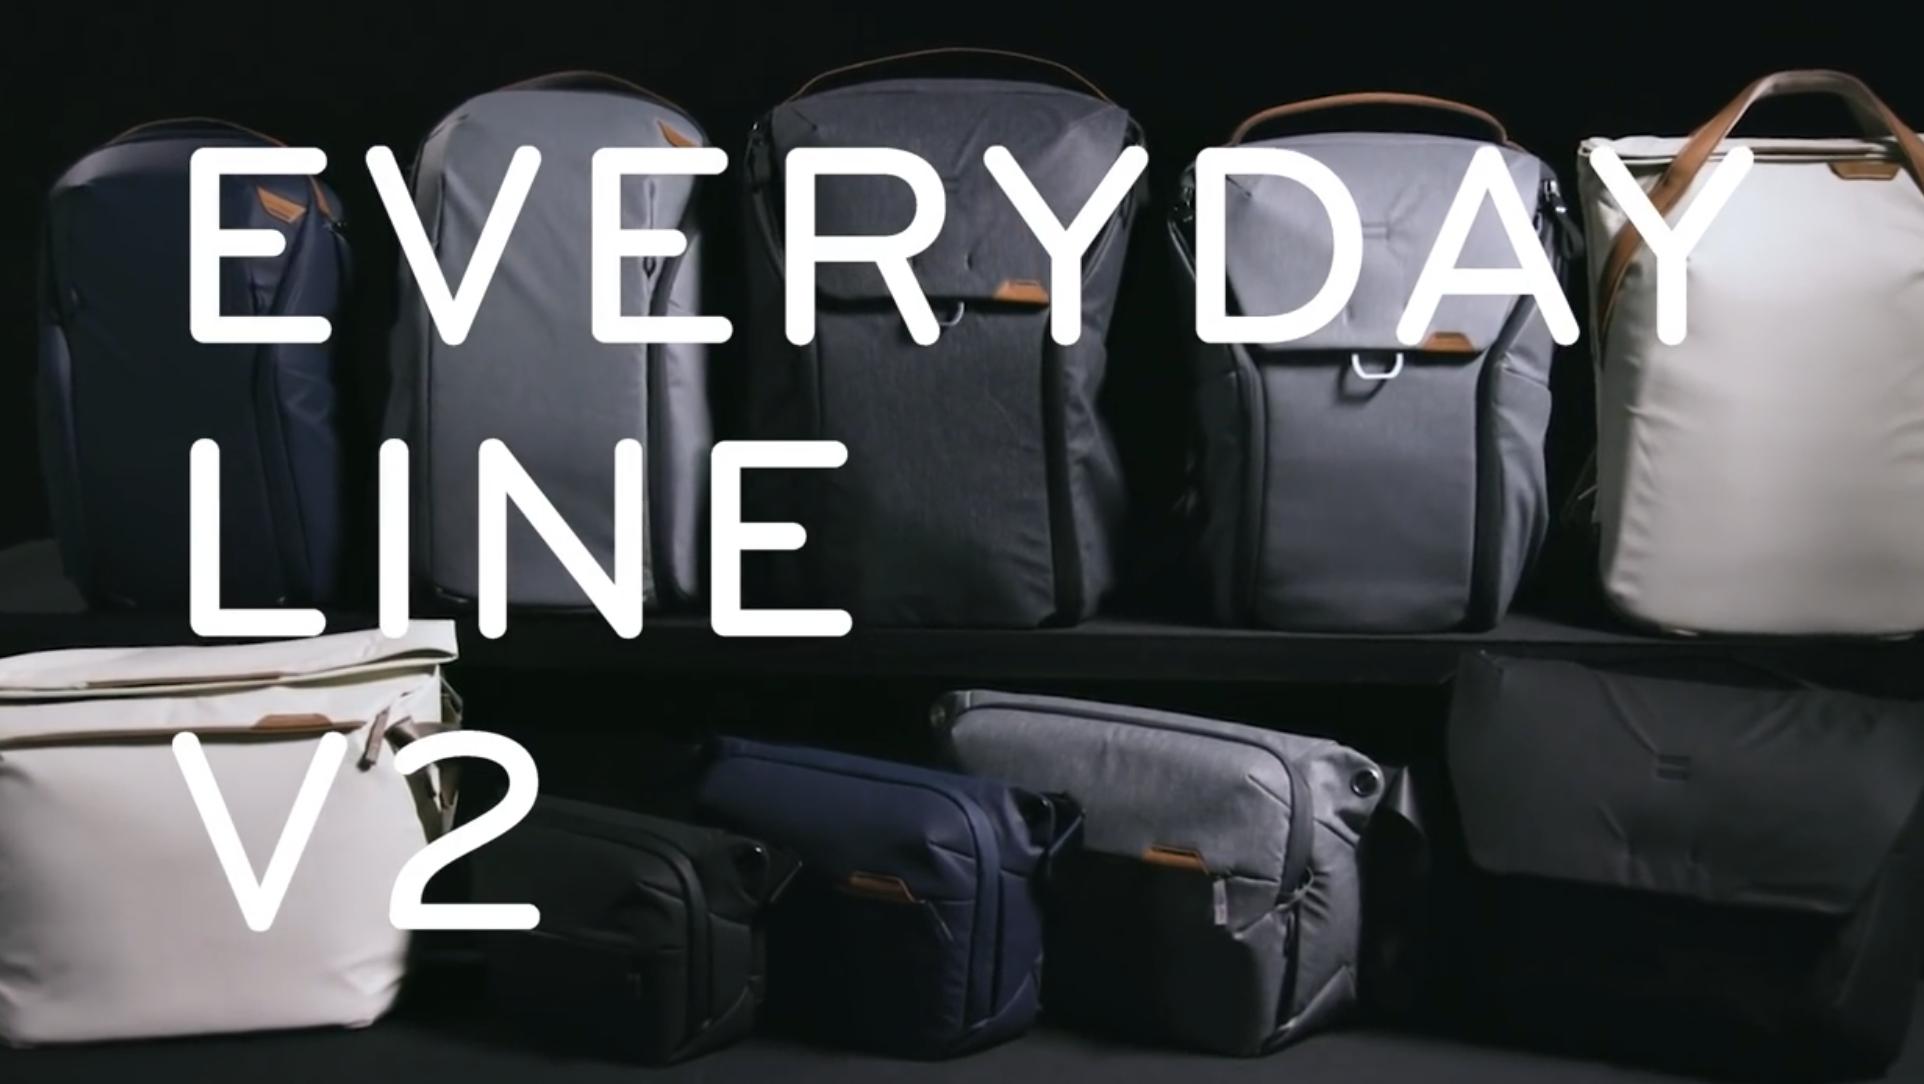 【購入!】Peak Designの新製品 Everyday(エブリデイ)シリーズがリニューアル 買ったモデルはどれ?